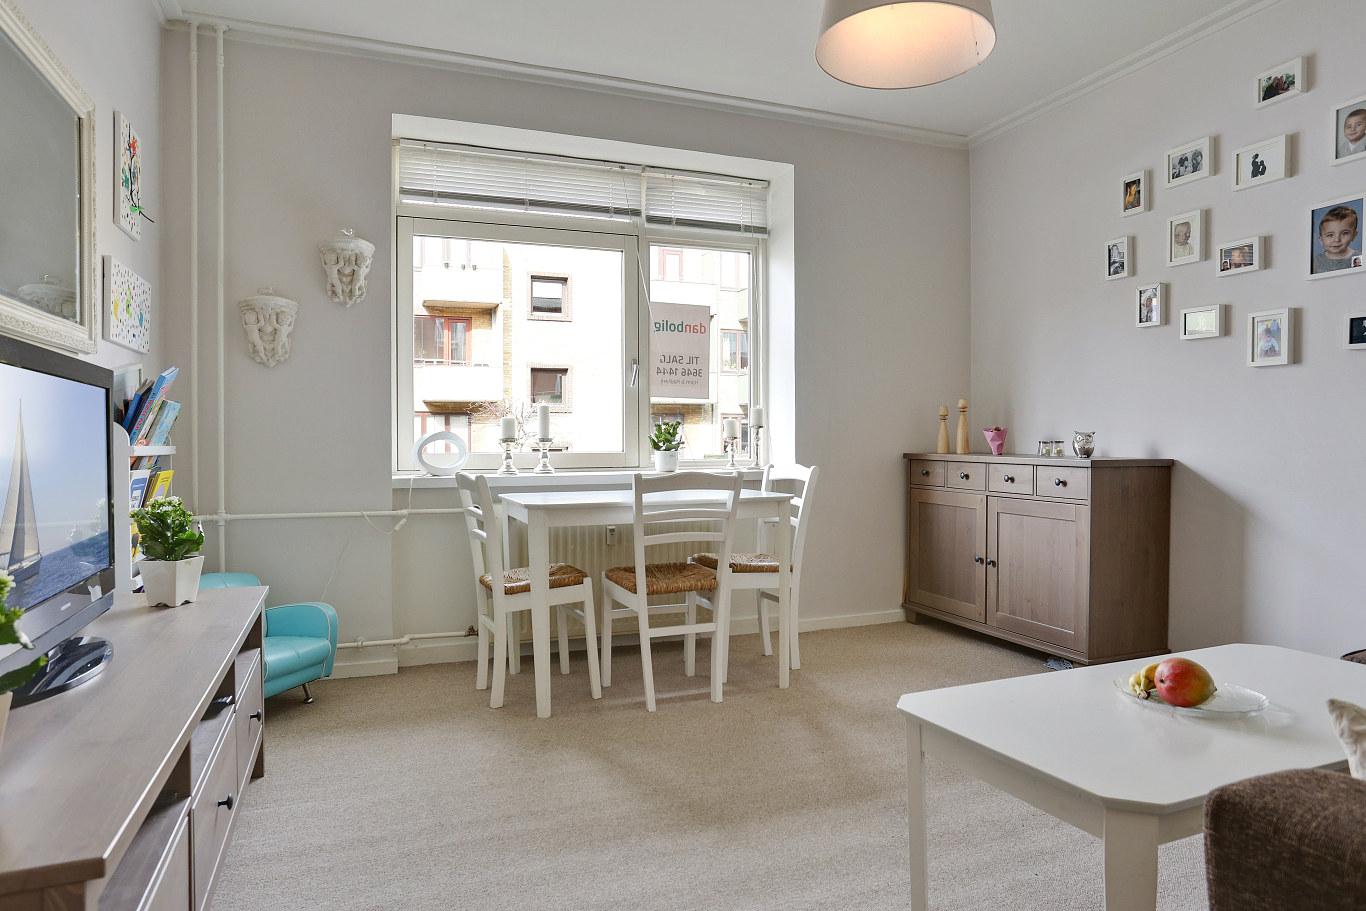 La realidad de los pisos pequeños en los países nórdicos - Blog ...